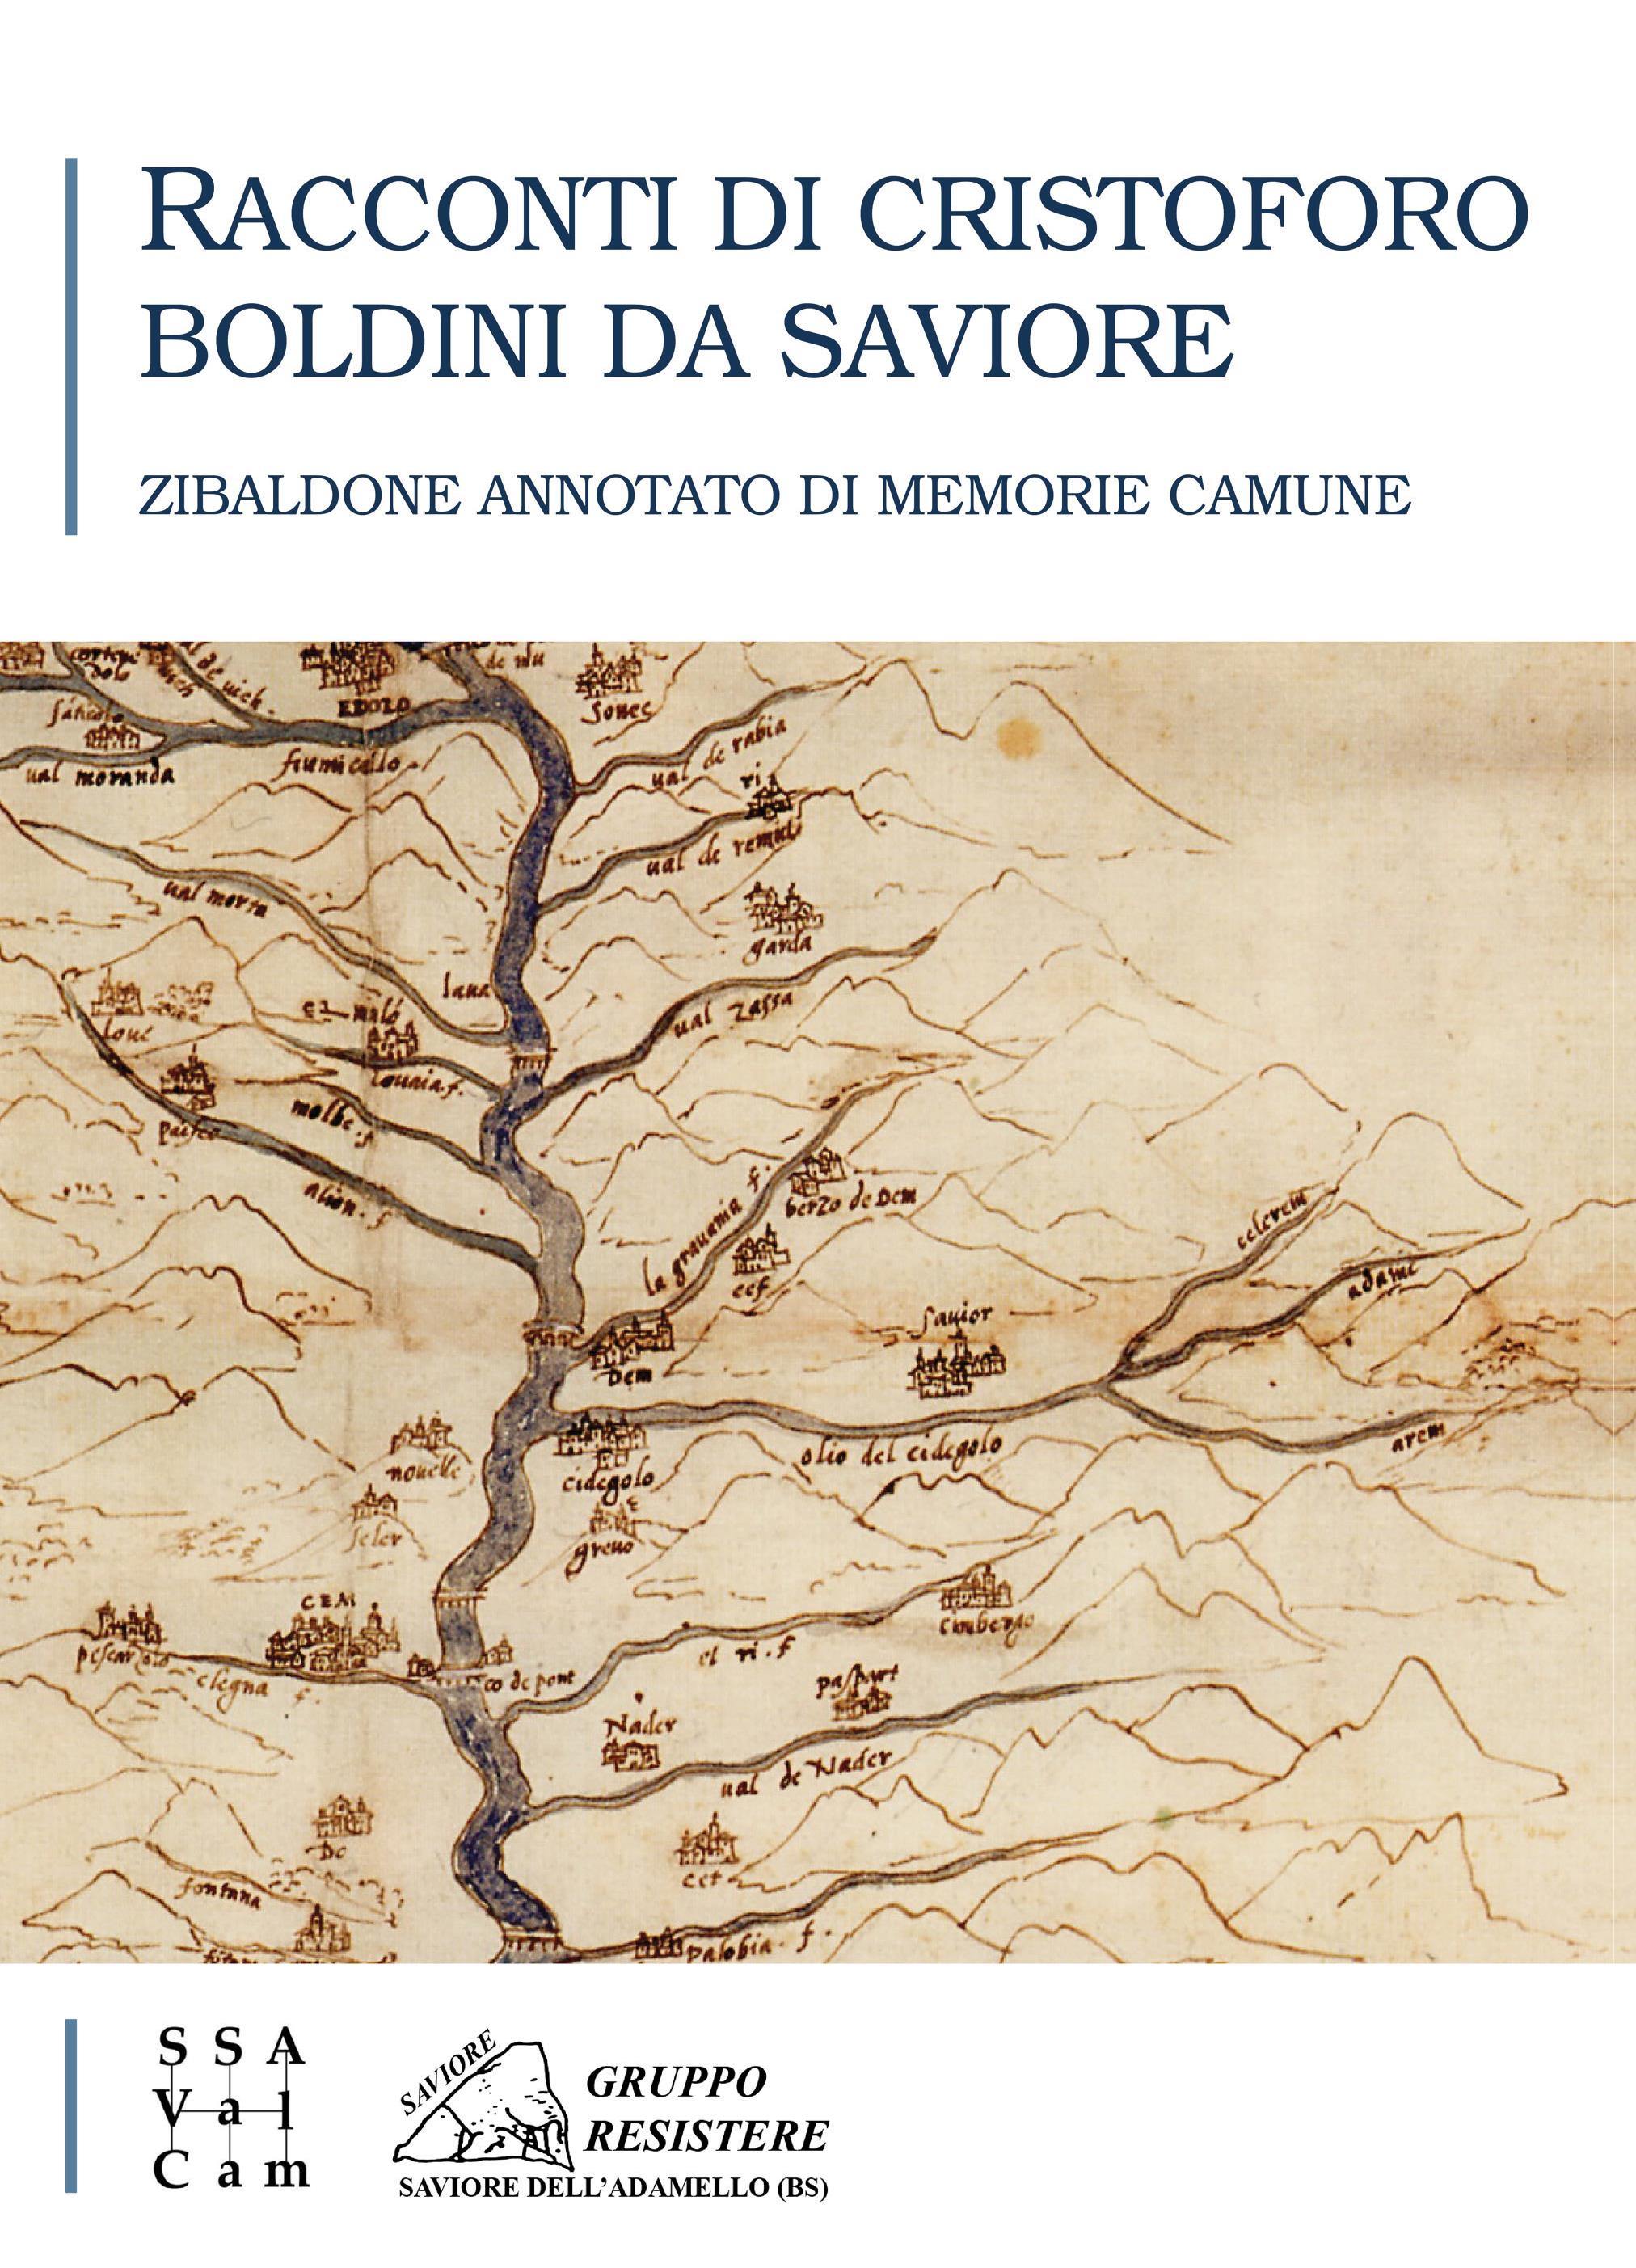 Racconti di Cristoforo Boldini da Saviore